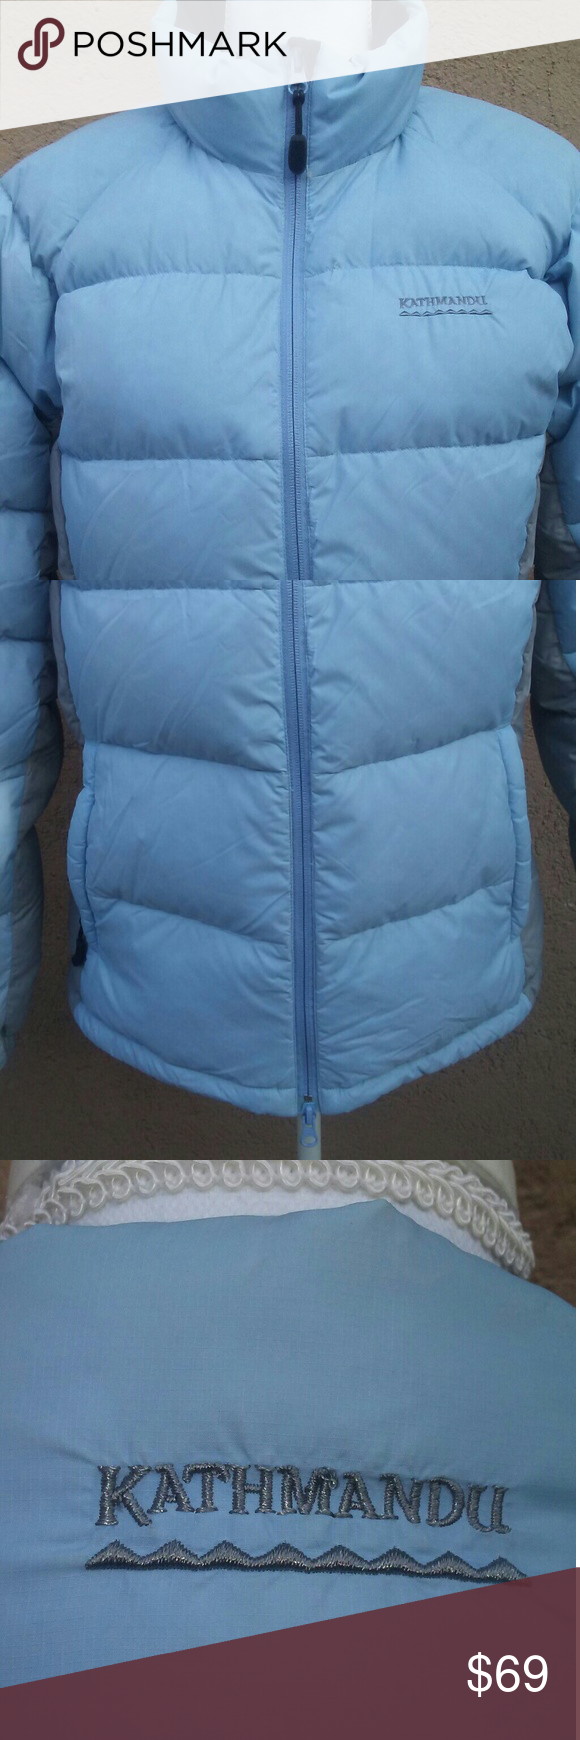 Kathmandu Sky Blue Down Puffer Jacket Size 12 Clothes Design Jackets Puffer Jackets [ 1740 x 580 Pixel ]